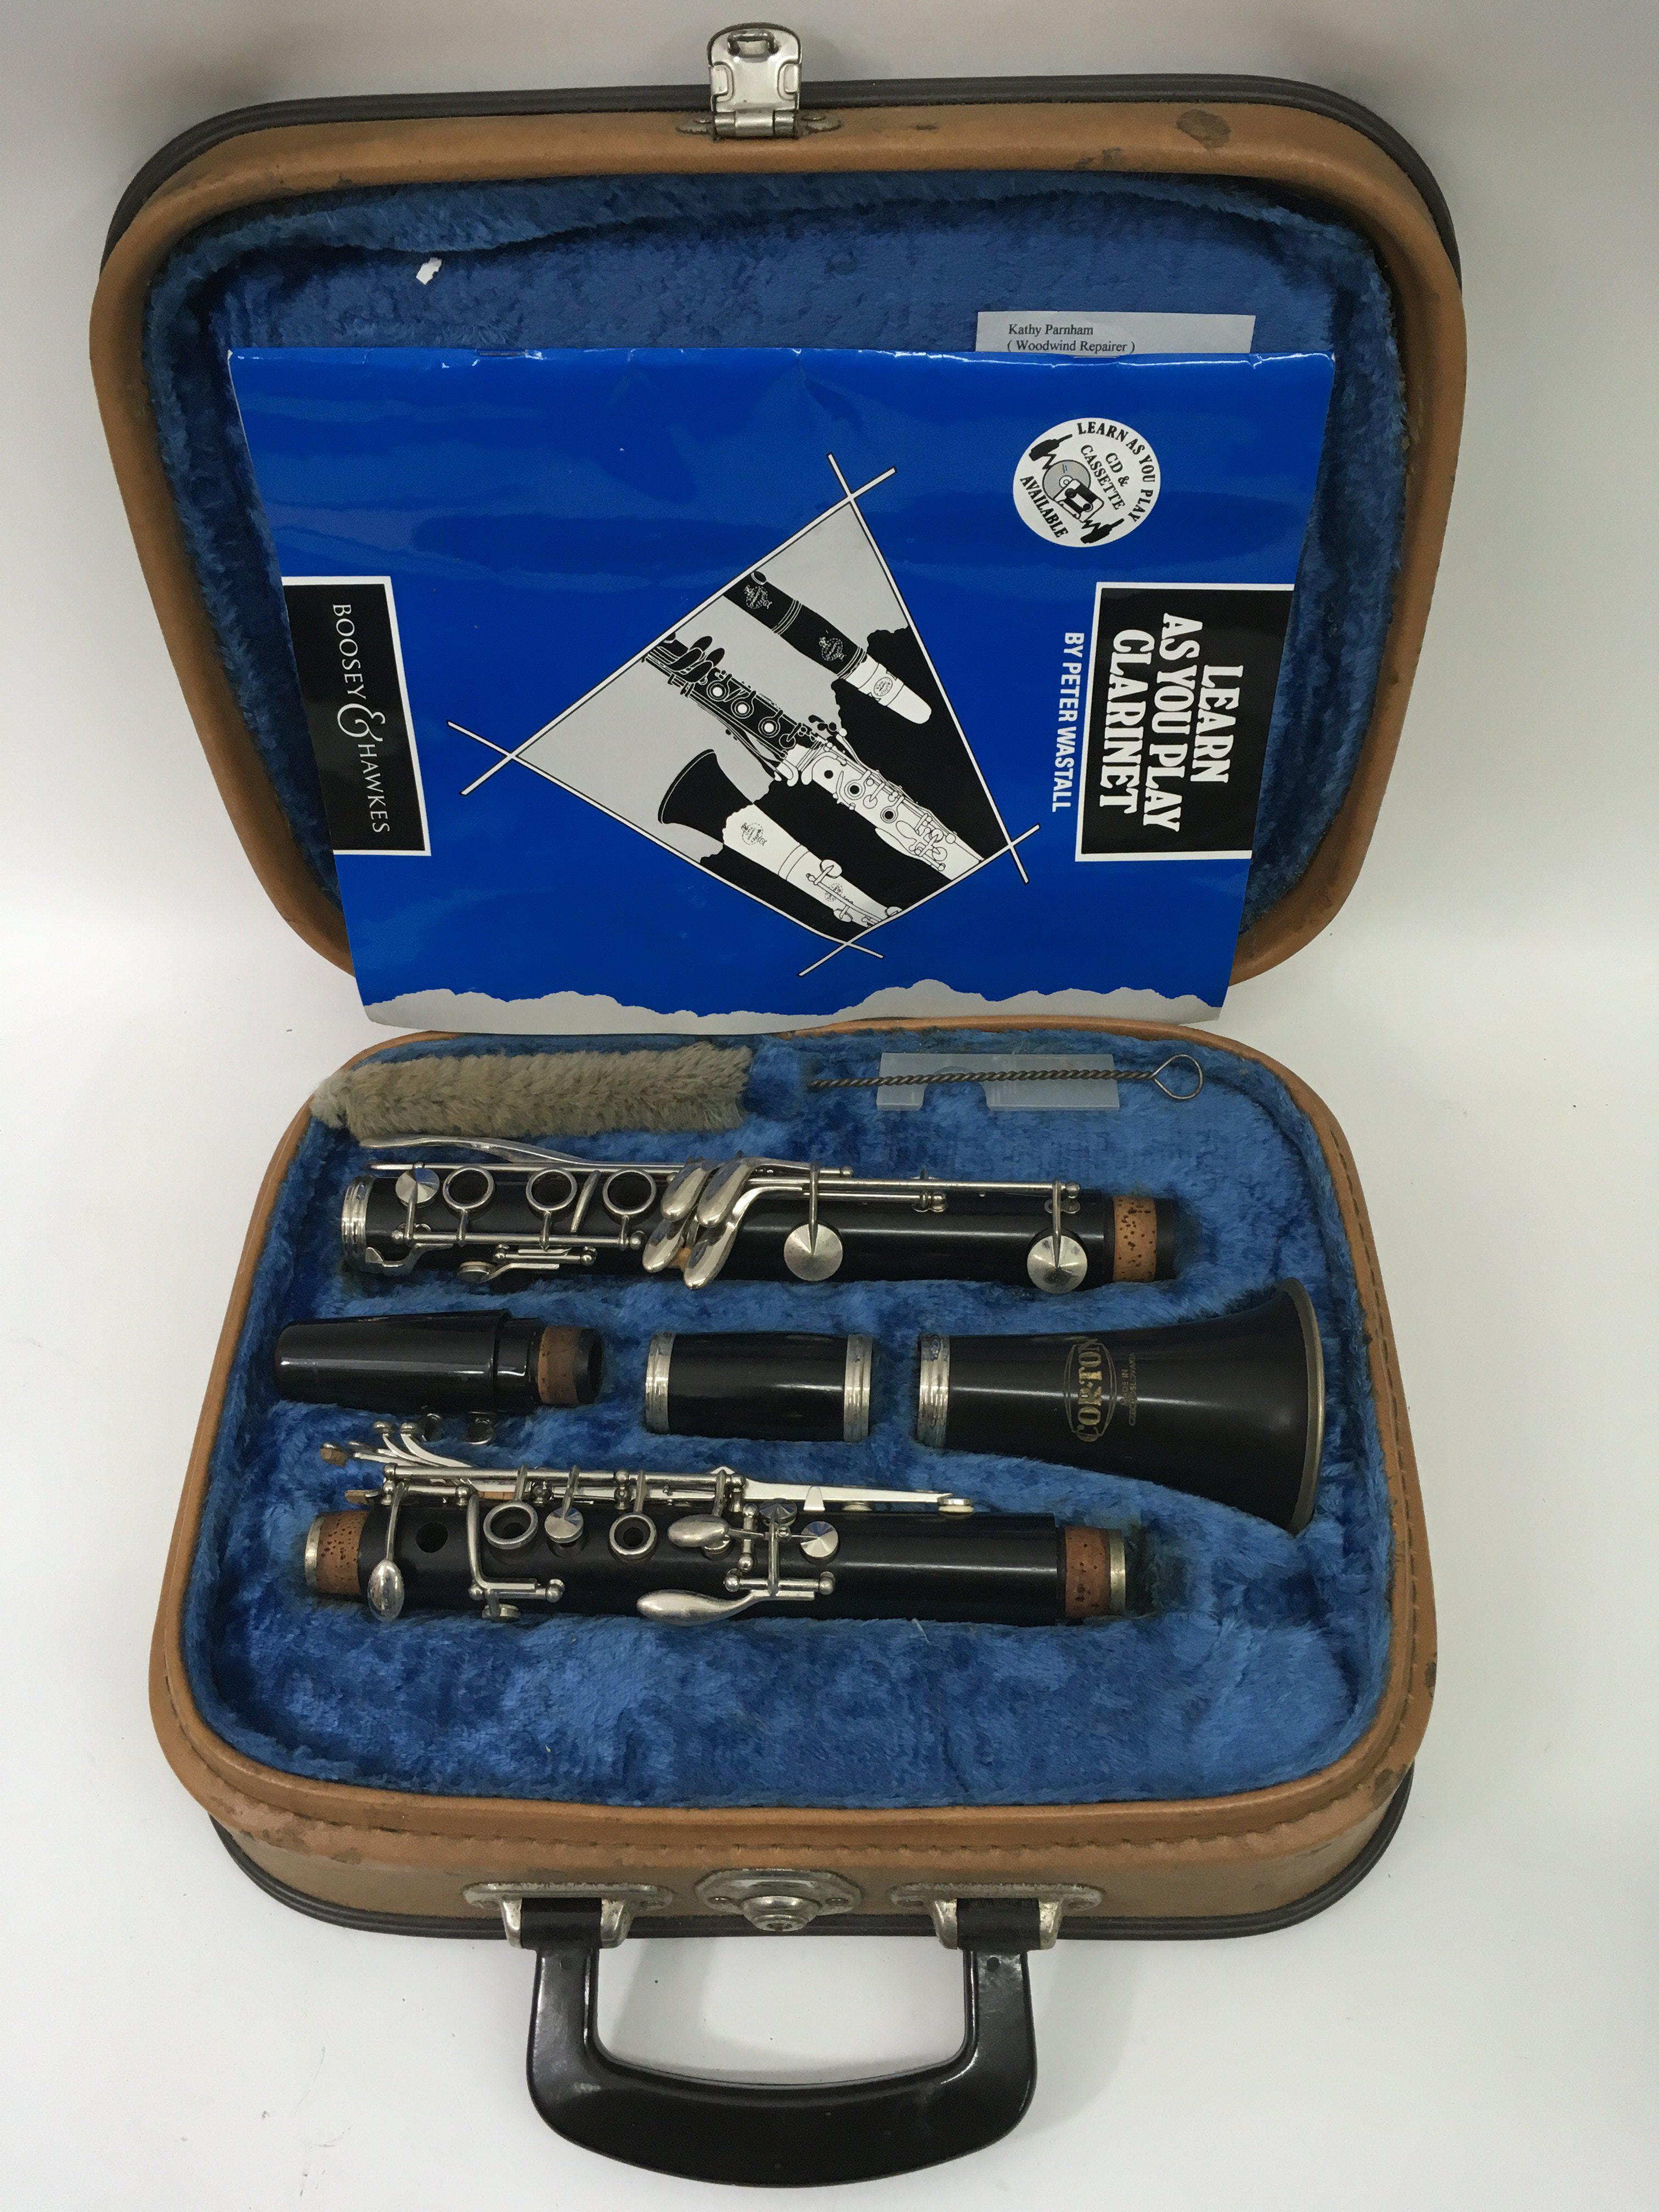 Lot 1830 - A cased Corton clarinet